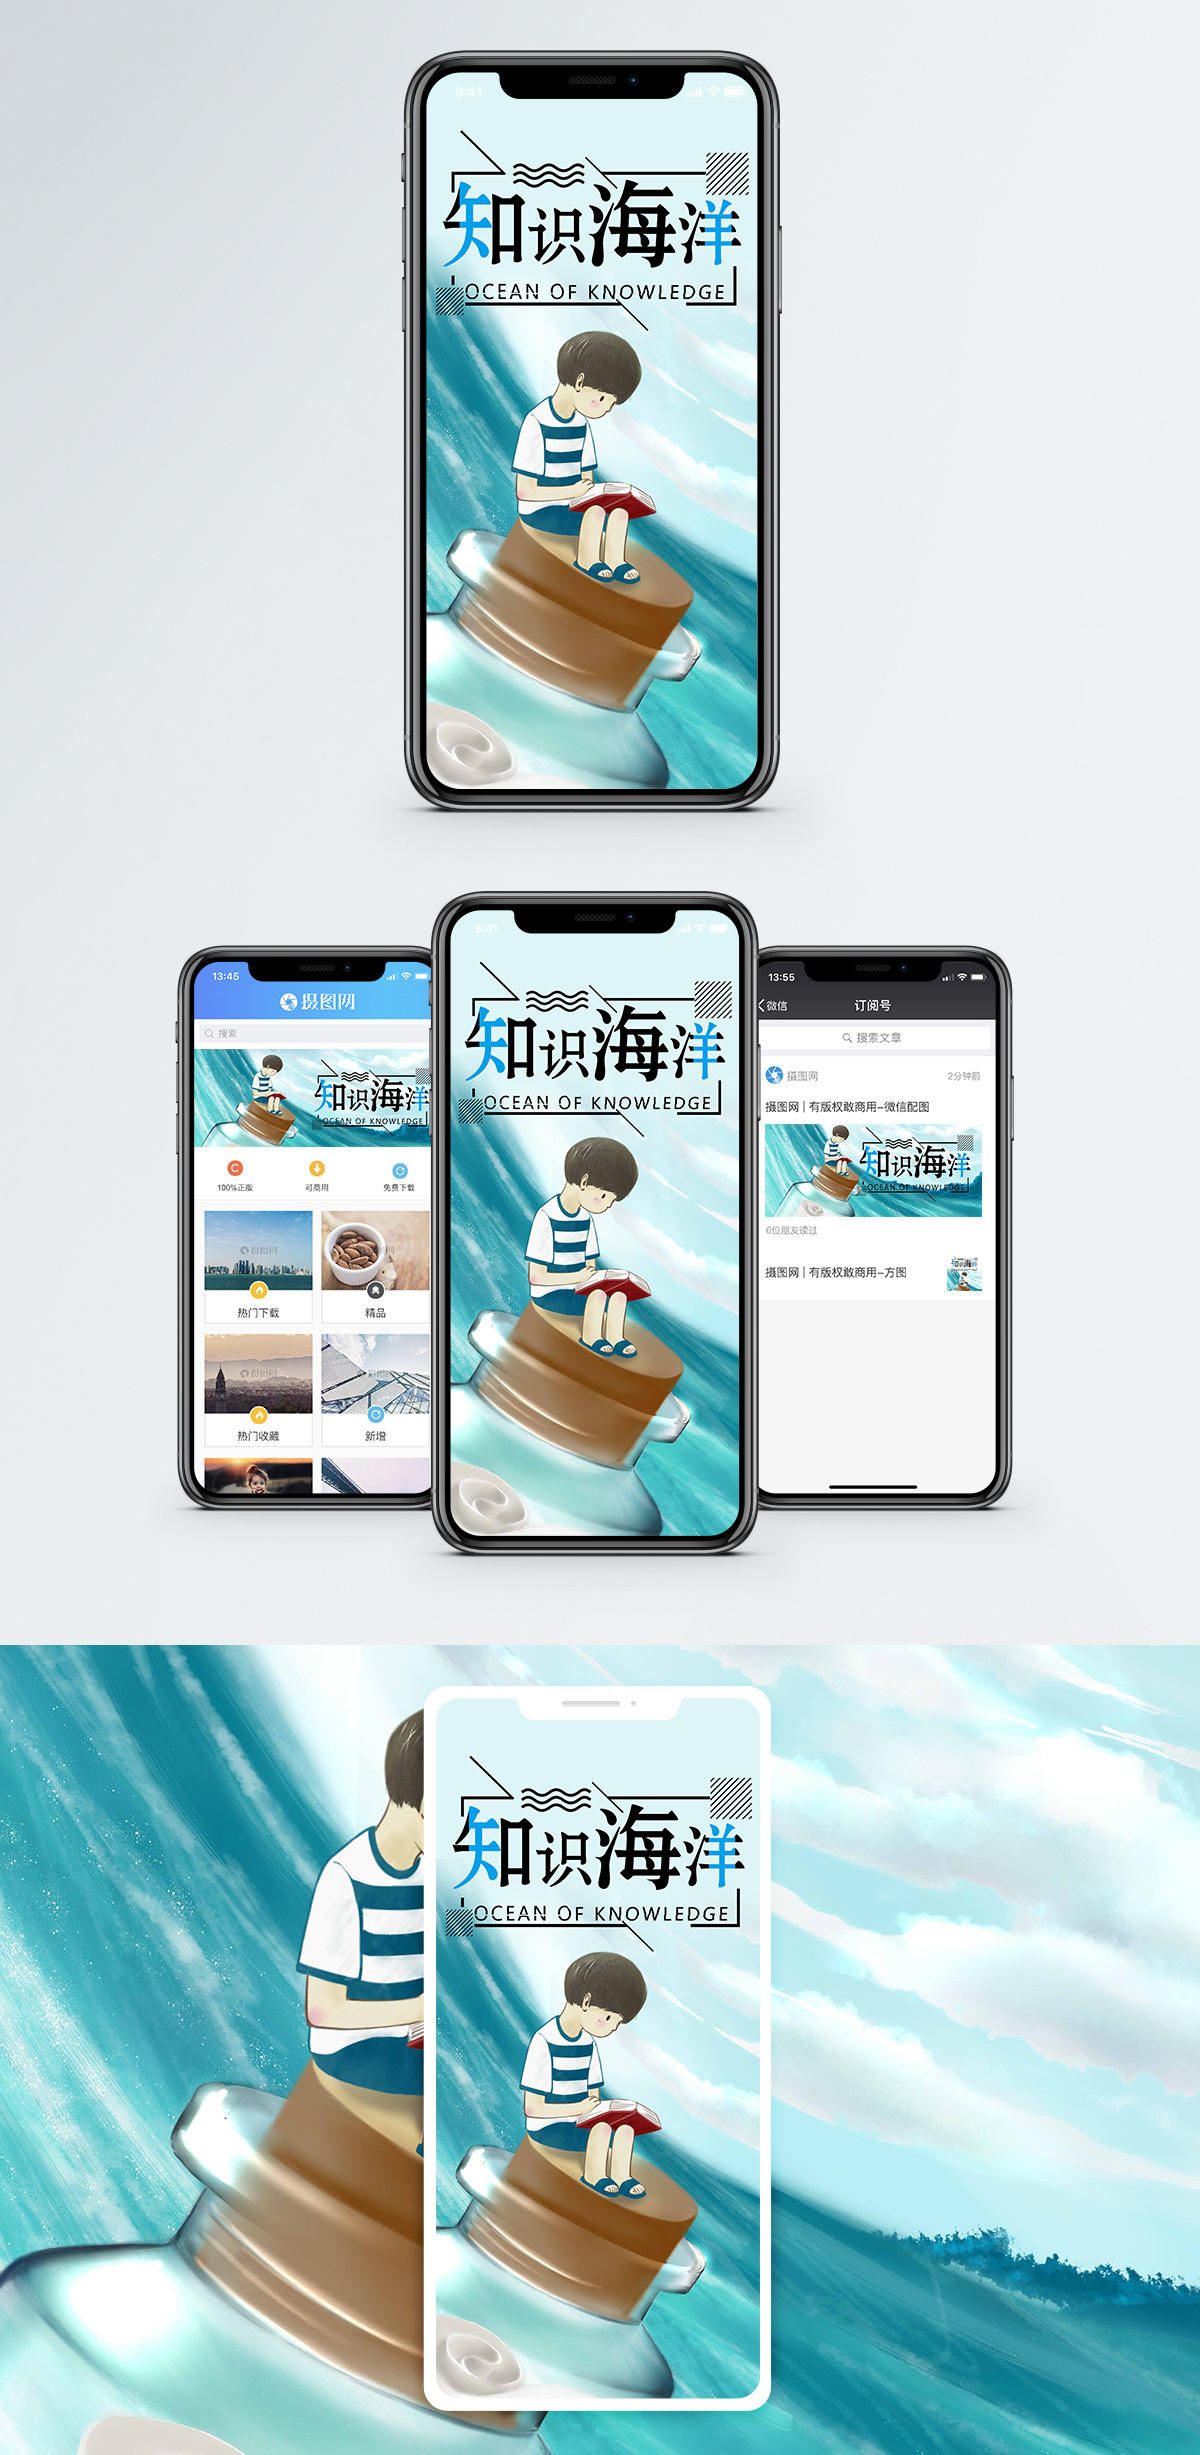 知识海洋手机海报配图图片